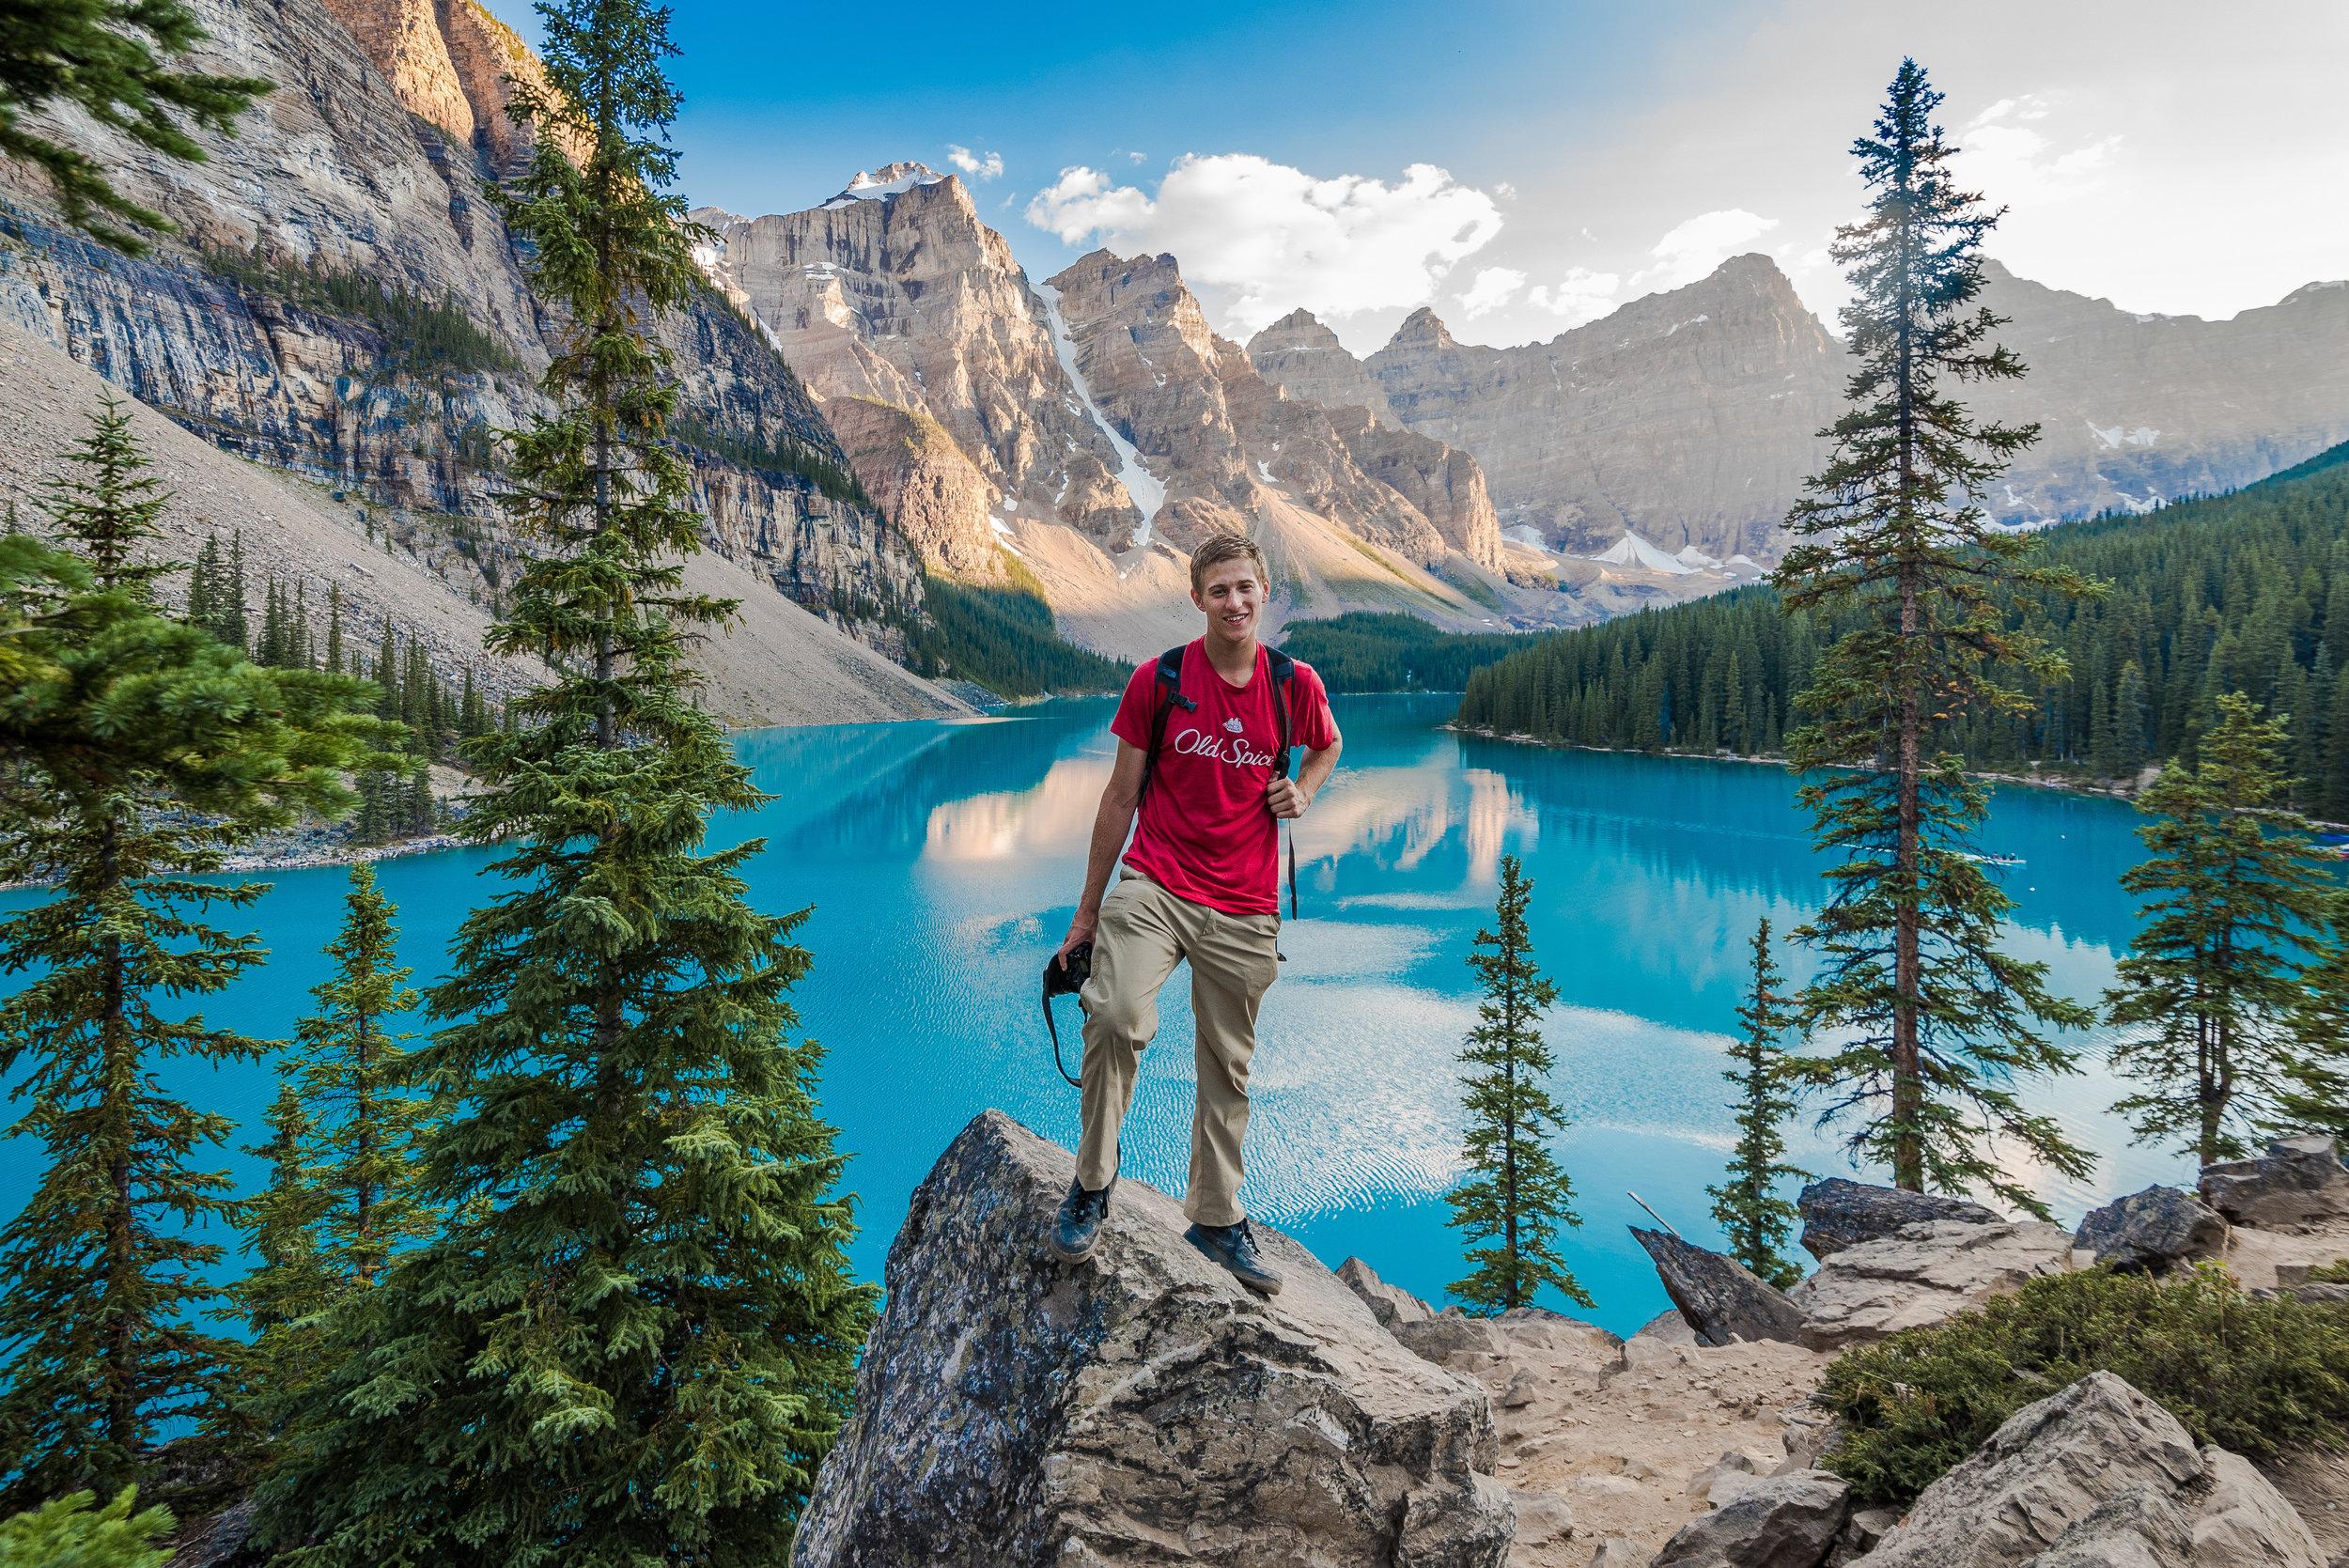 Chase Guttman Adventurer